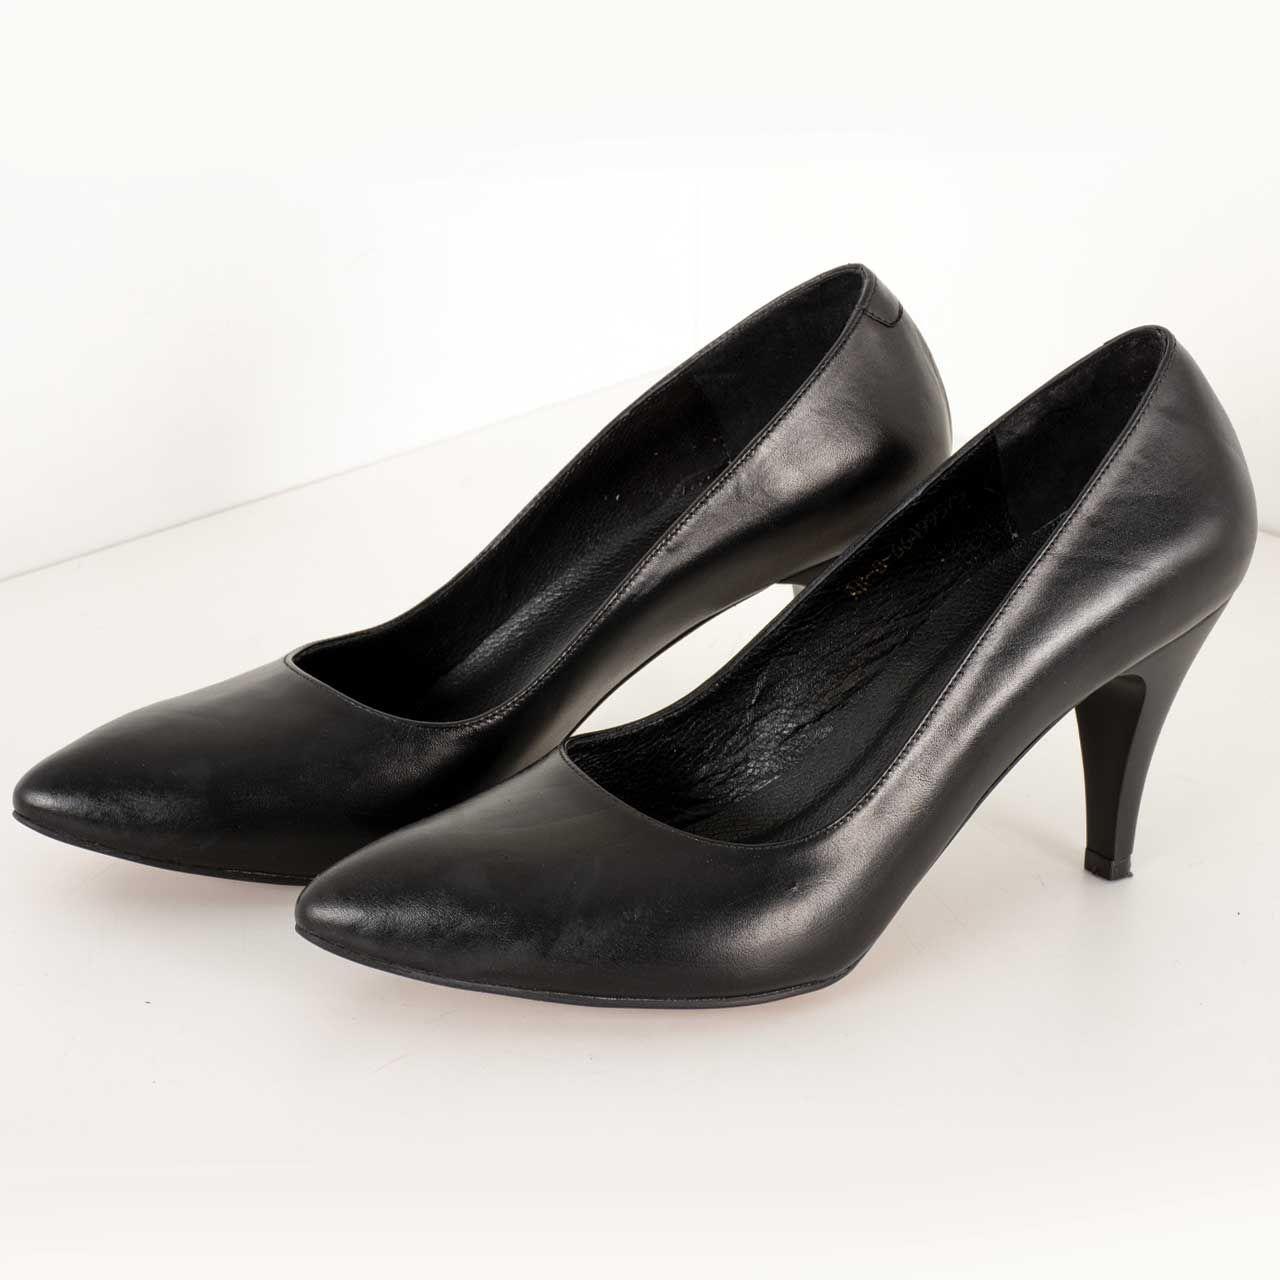 کفش زنانه پارینه چرم مدل show44 -  - 4